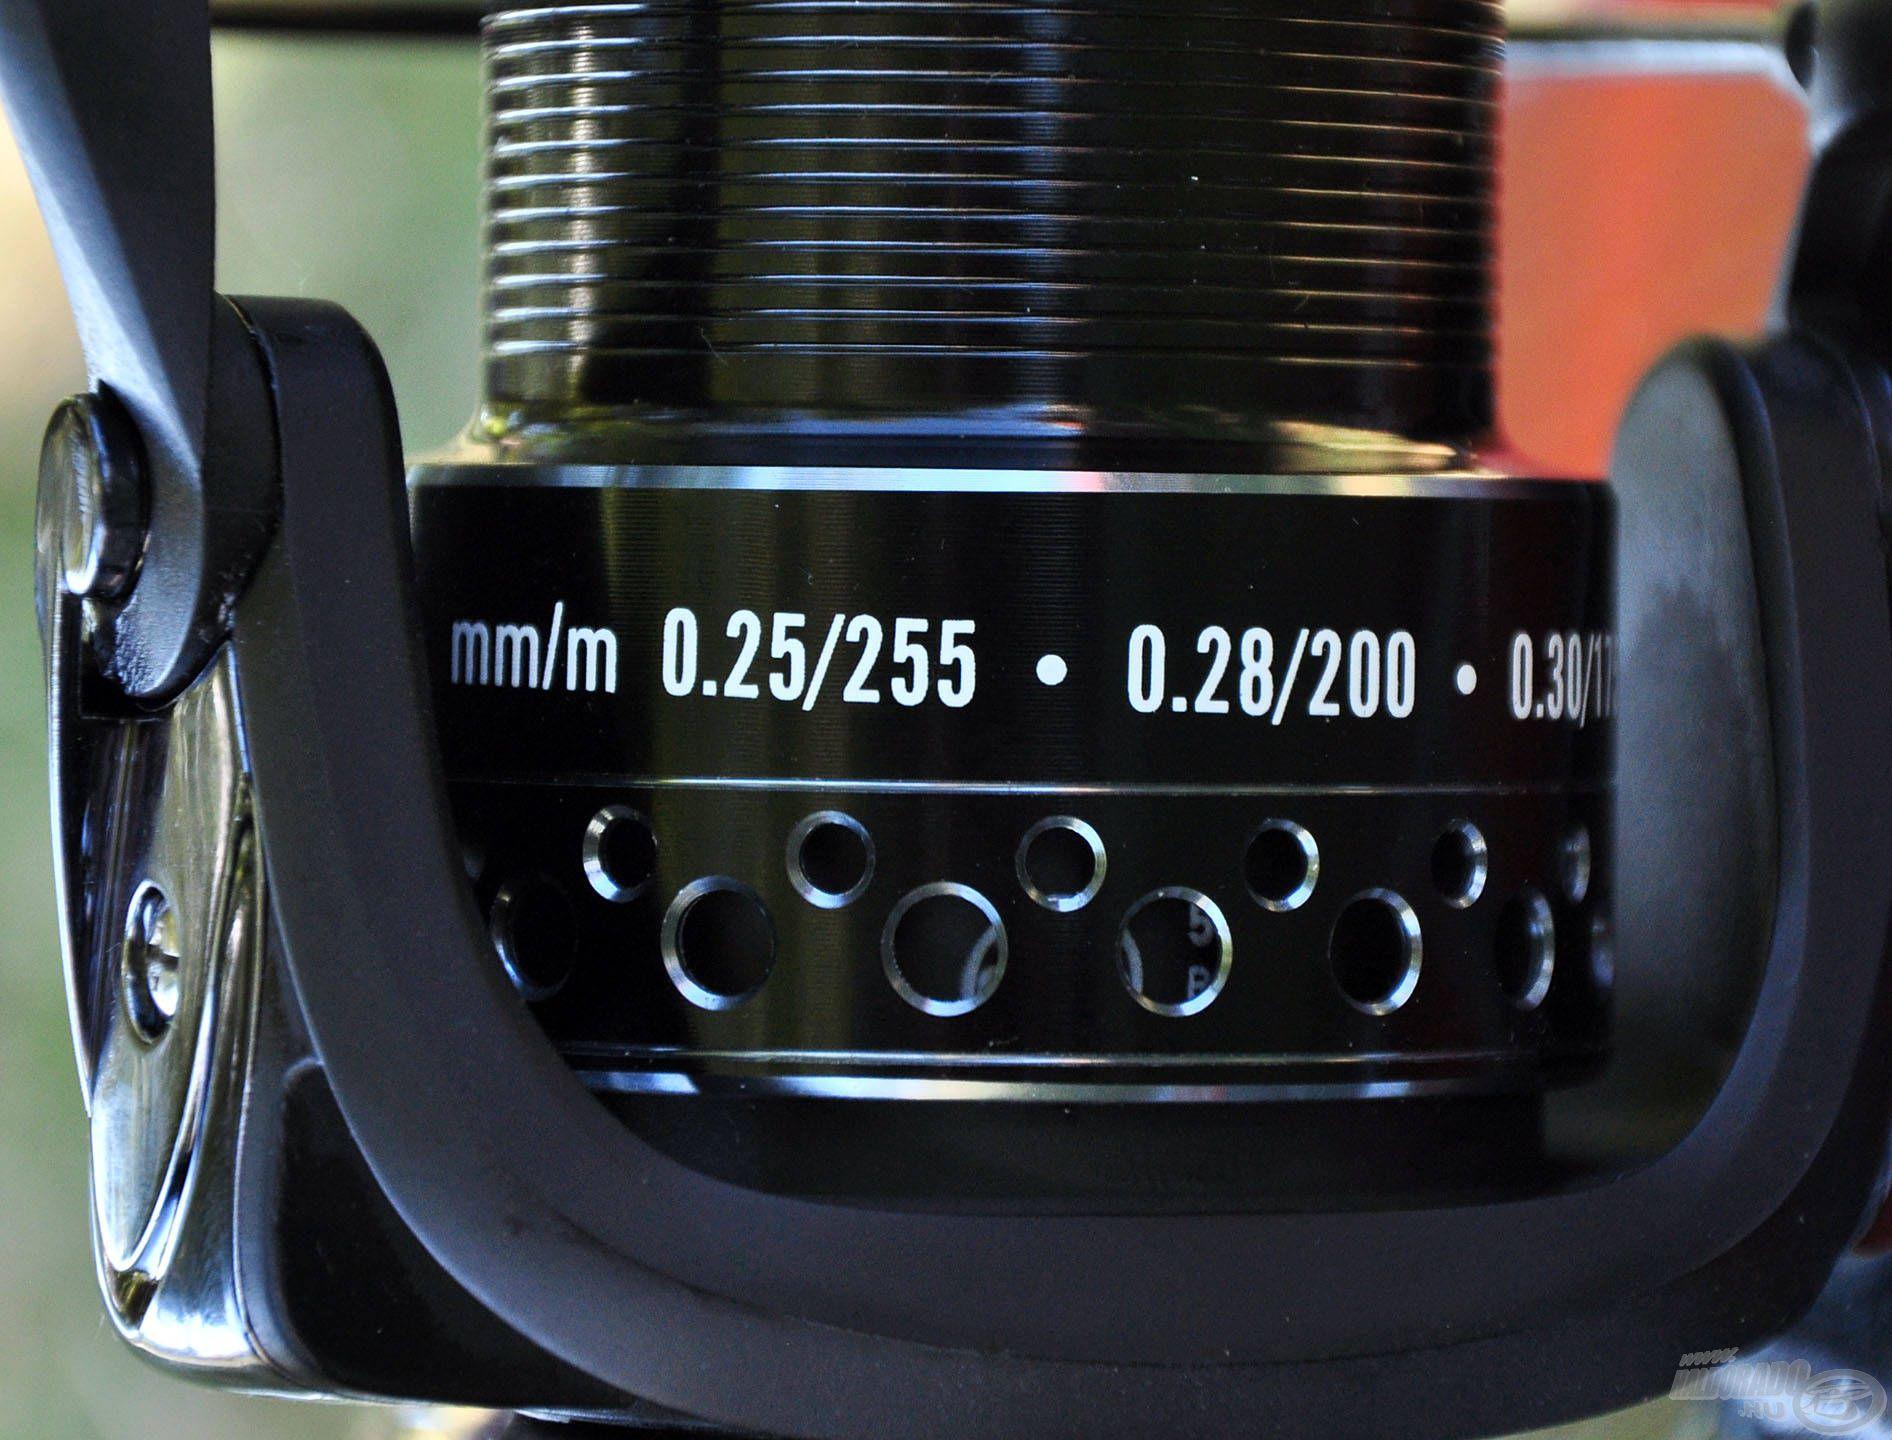 Zsinórtároló kapacitása ideális a feederbotos technikákhoz